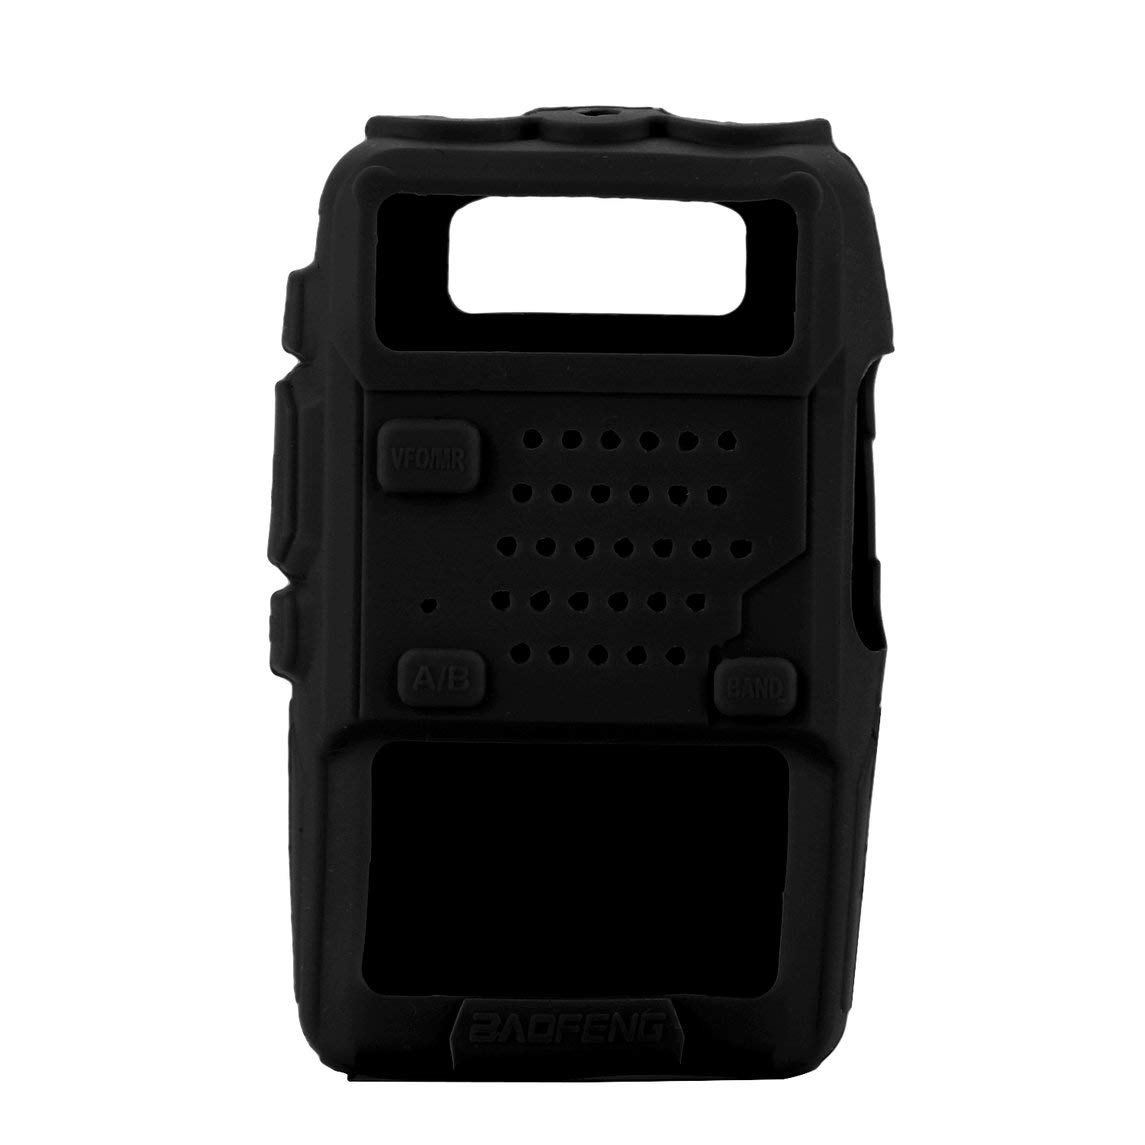 Cubierta de Goma de Silicona Walkie Talkie Cubierta Protectora Shell para BAOFENG UV-5R Radio bidireccional F8 + UV 5R UV-5RE DM-5R: Amazon.es: Electrónica